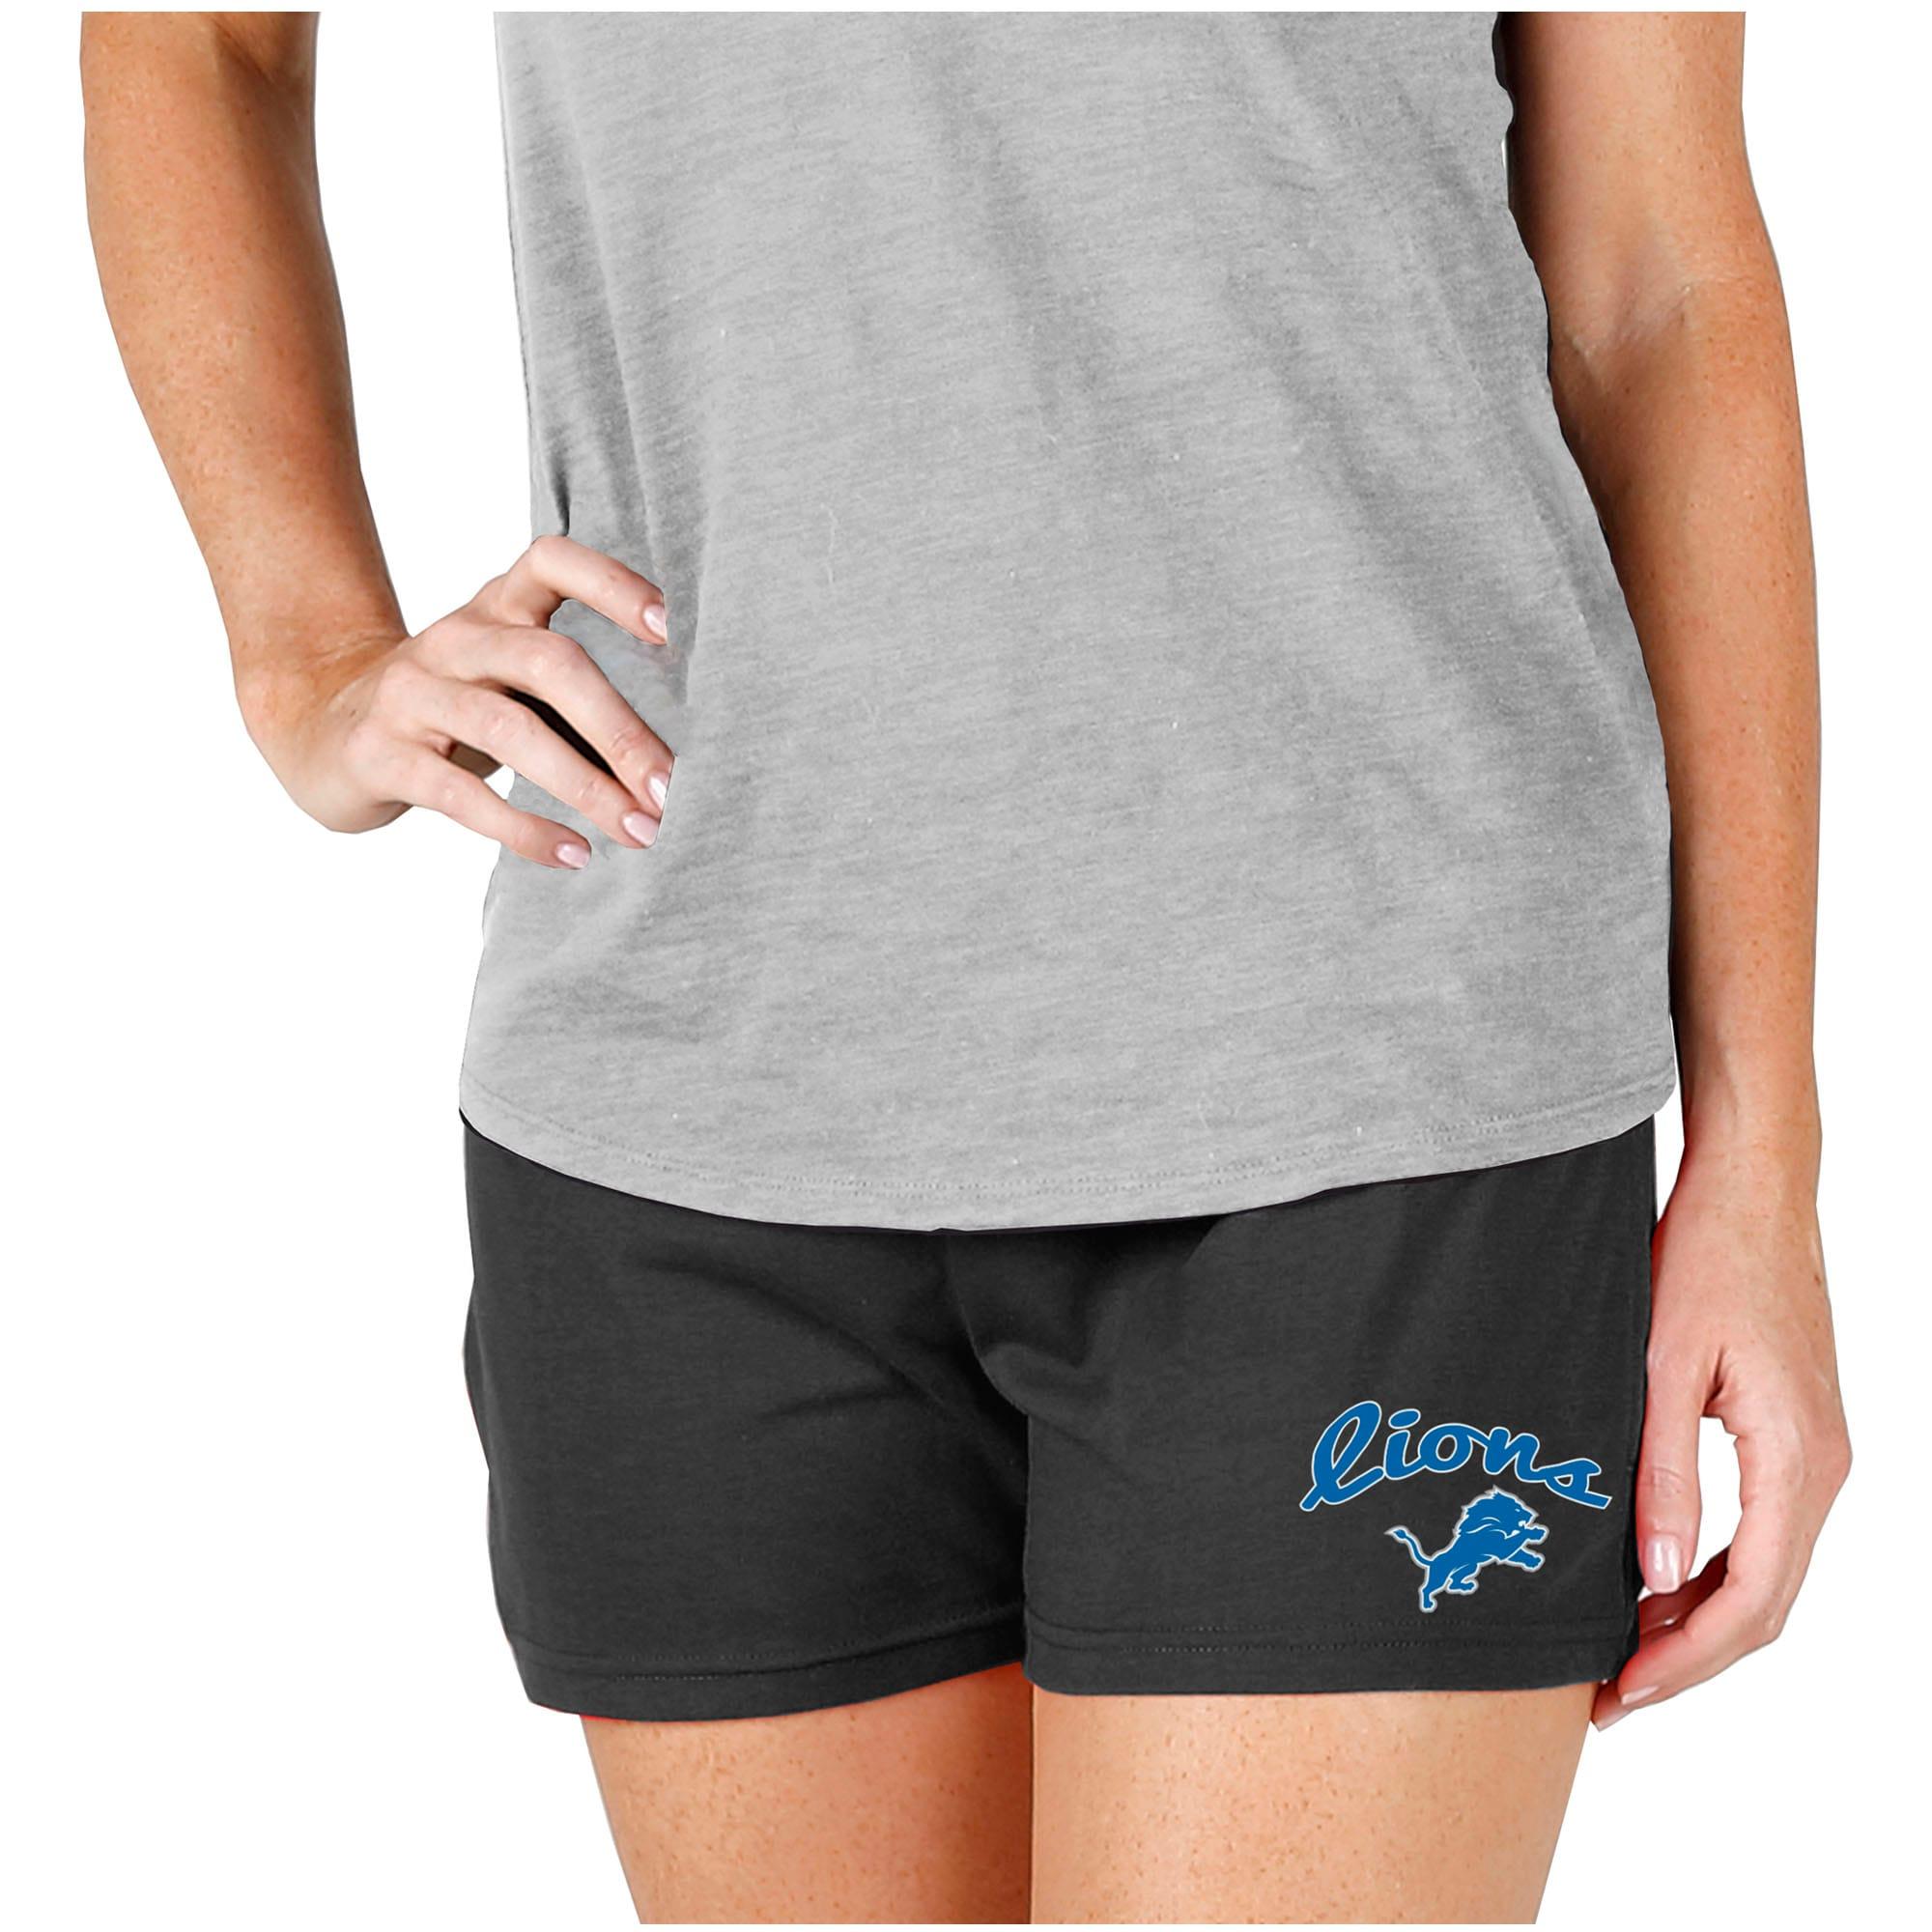 Detroit Lions Concepts Sport Women's Knit Shorts - Charcoal